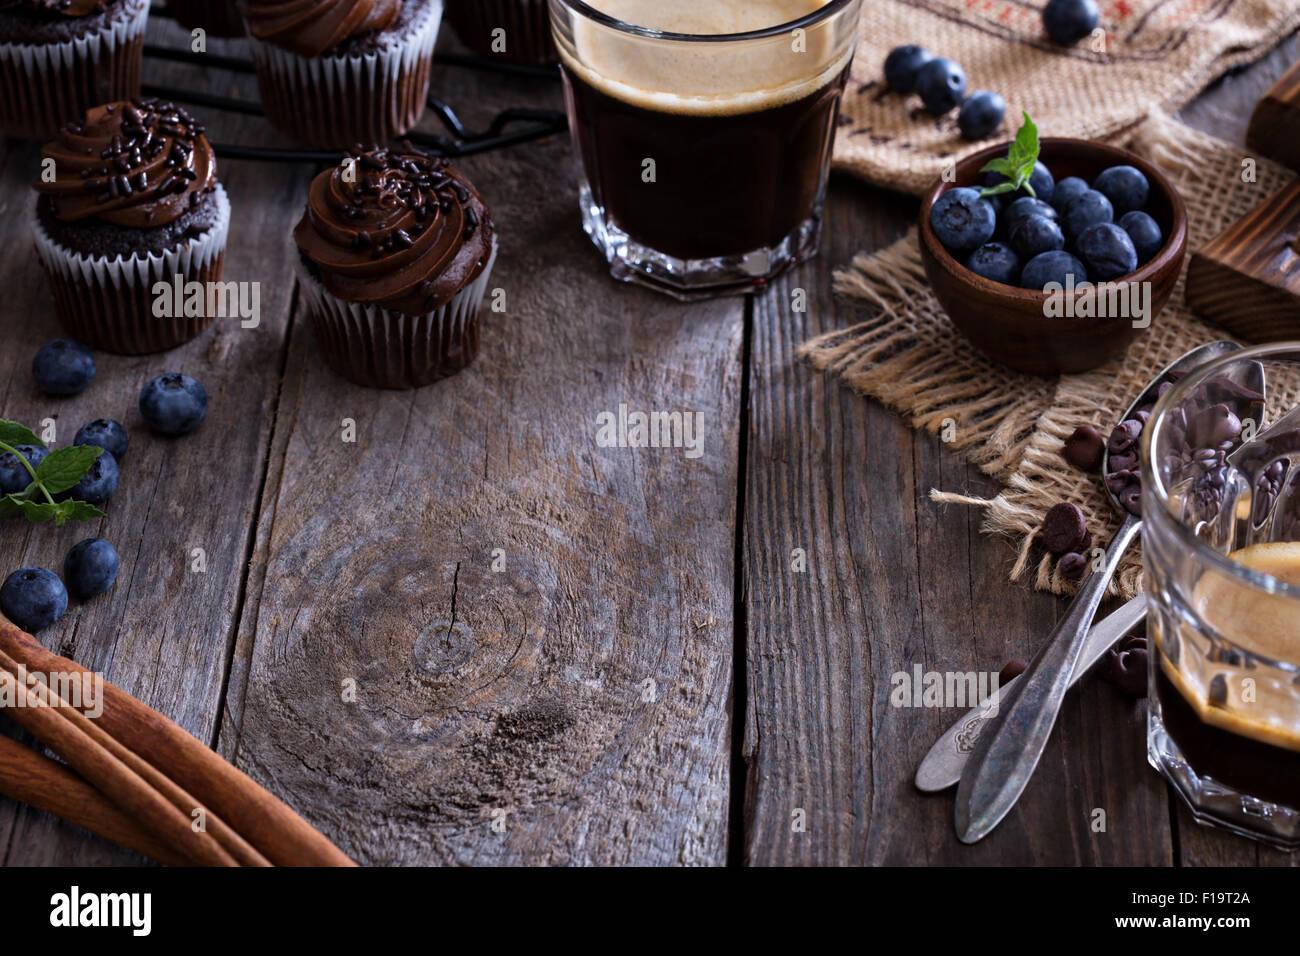 Café y pastelitos de chocolate sobre la mesa de madera espacio de copia Imagen De Stock